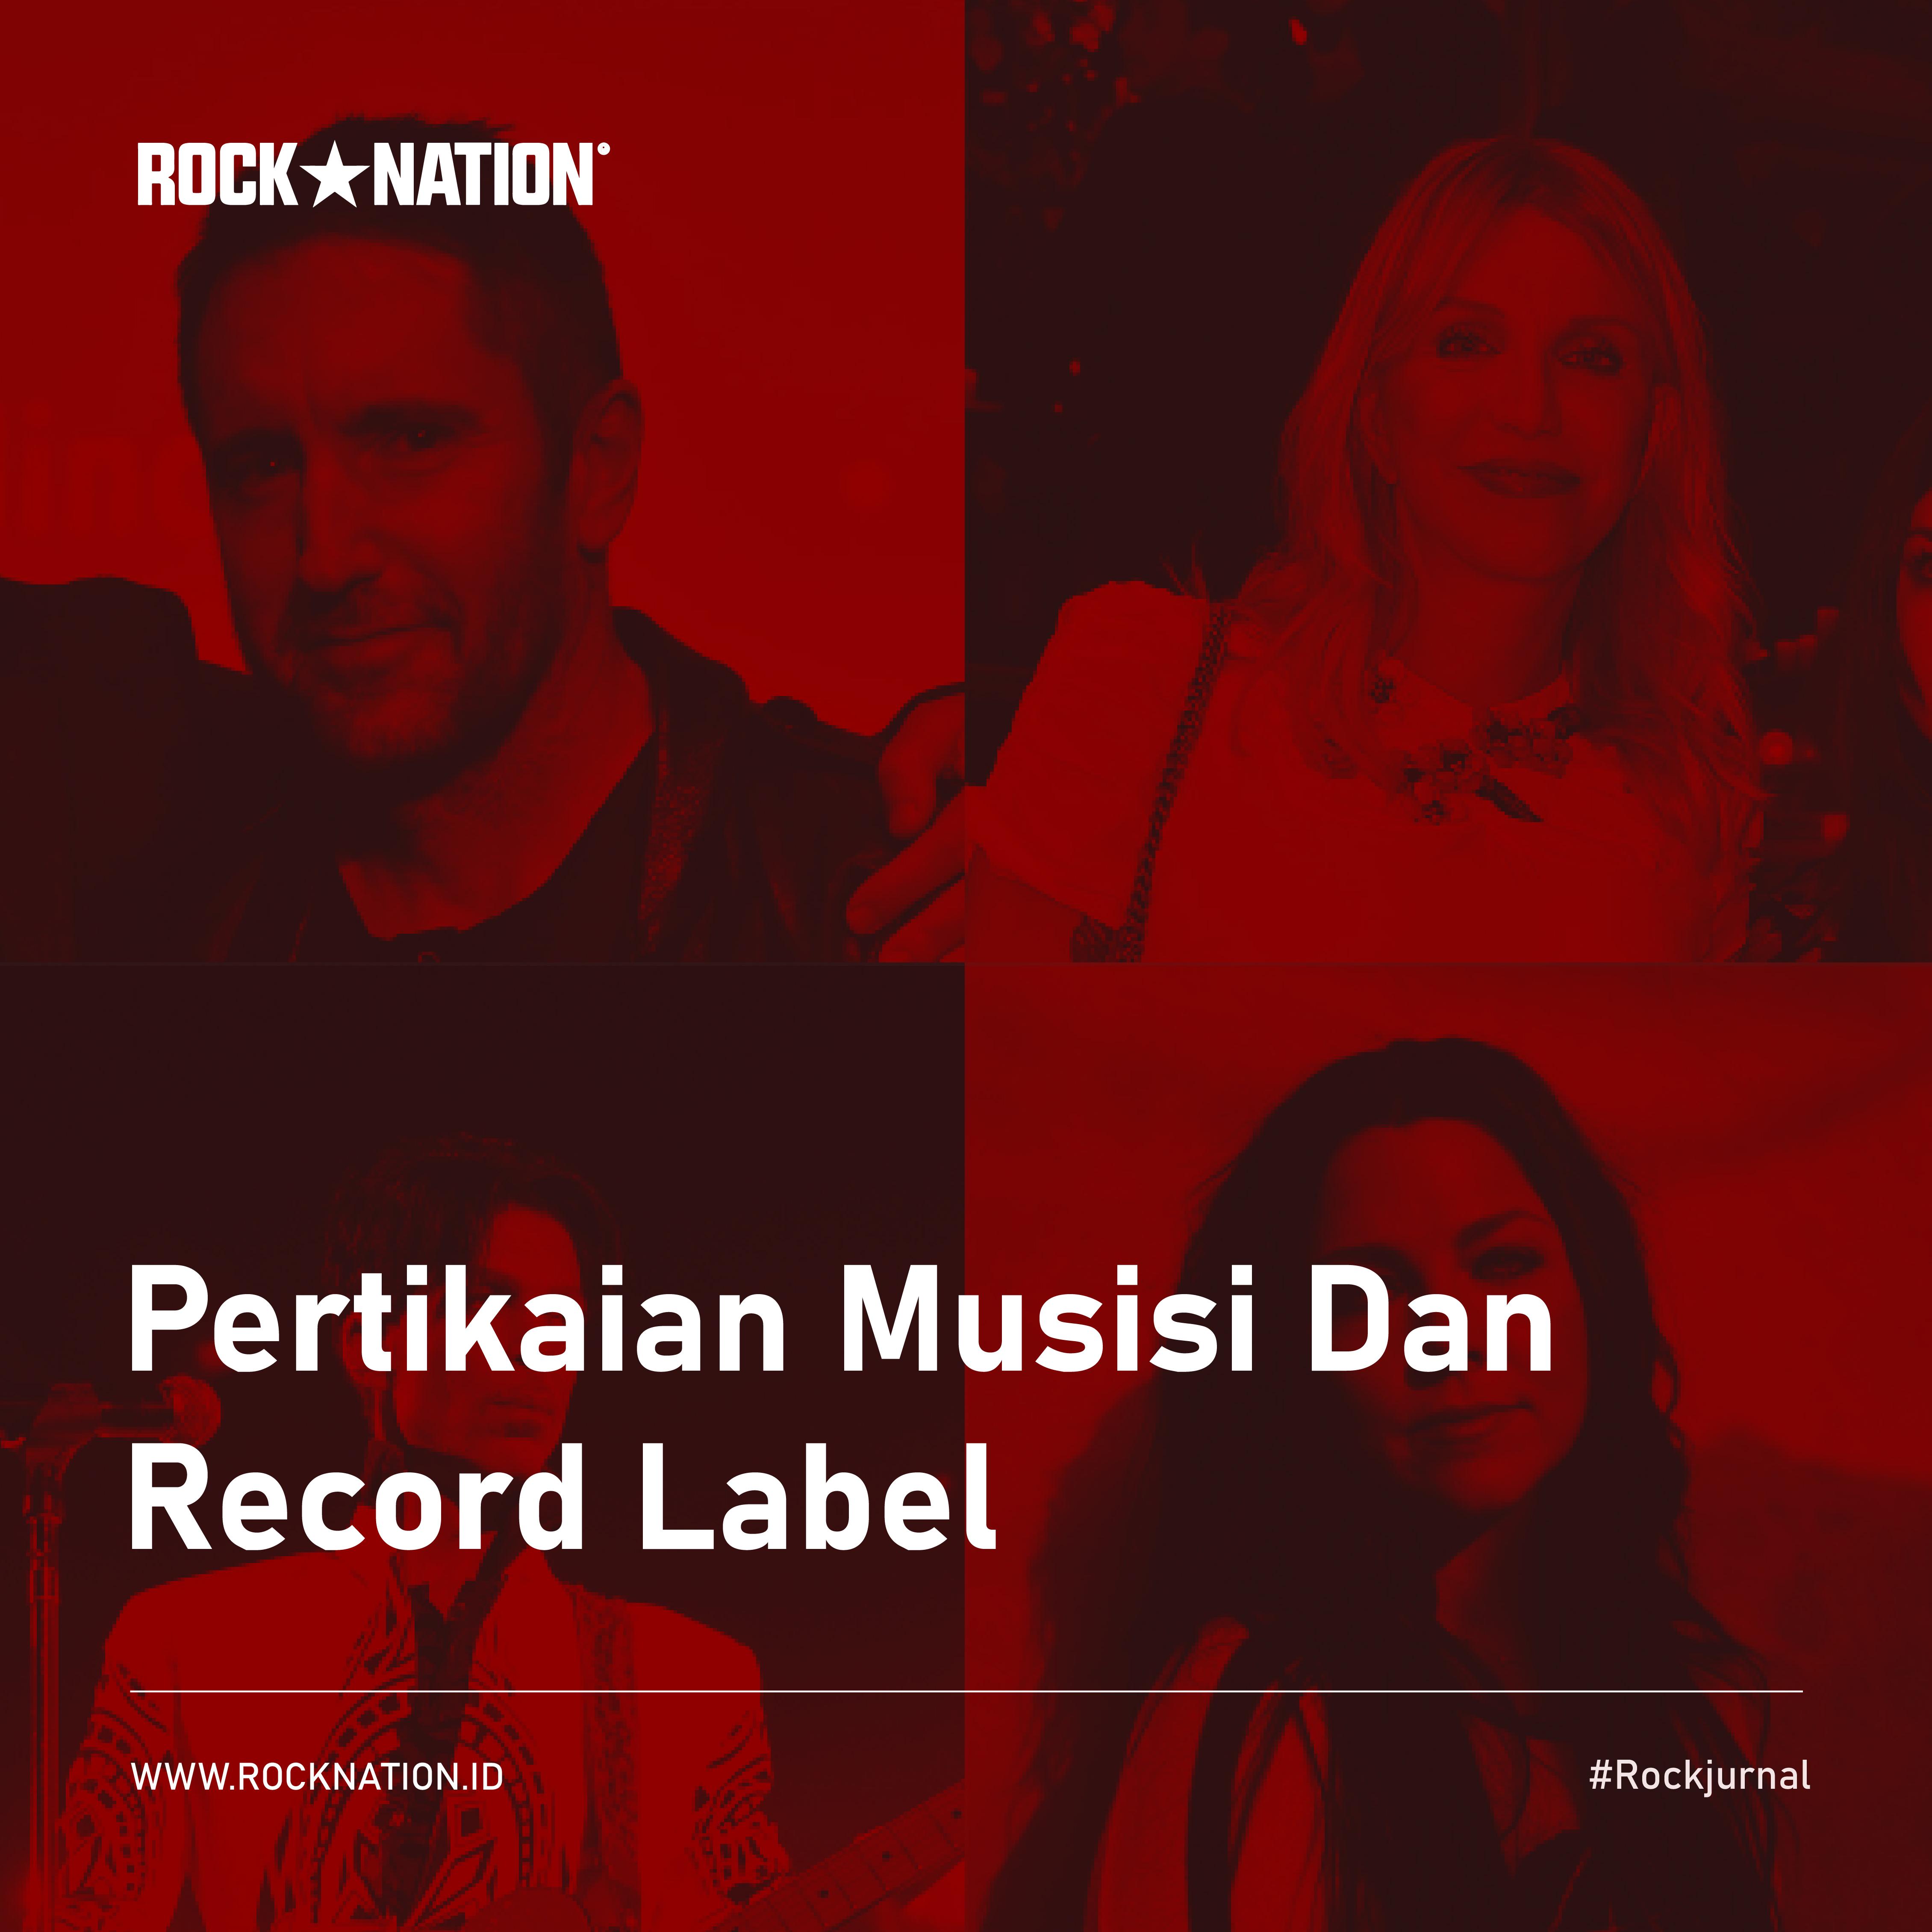 Pertikaian Musisi Dan Record Label image